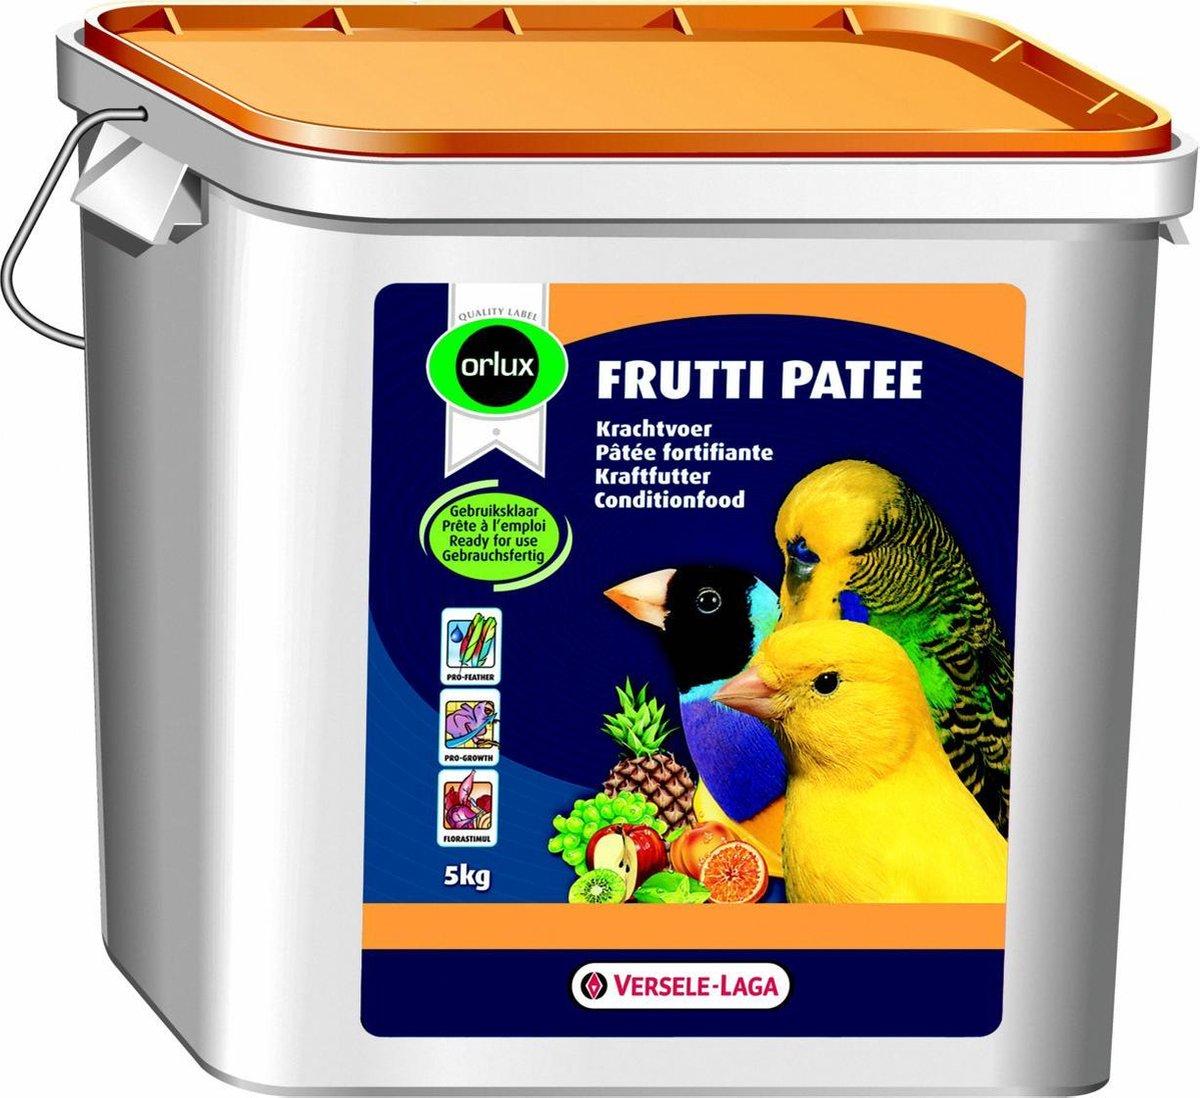 Versele-laga Orlux Frutti Patee Krachtvoer - Versele-Laga